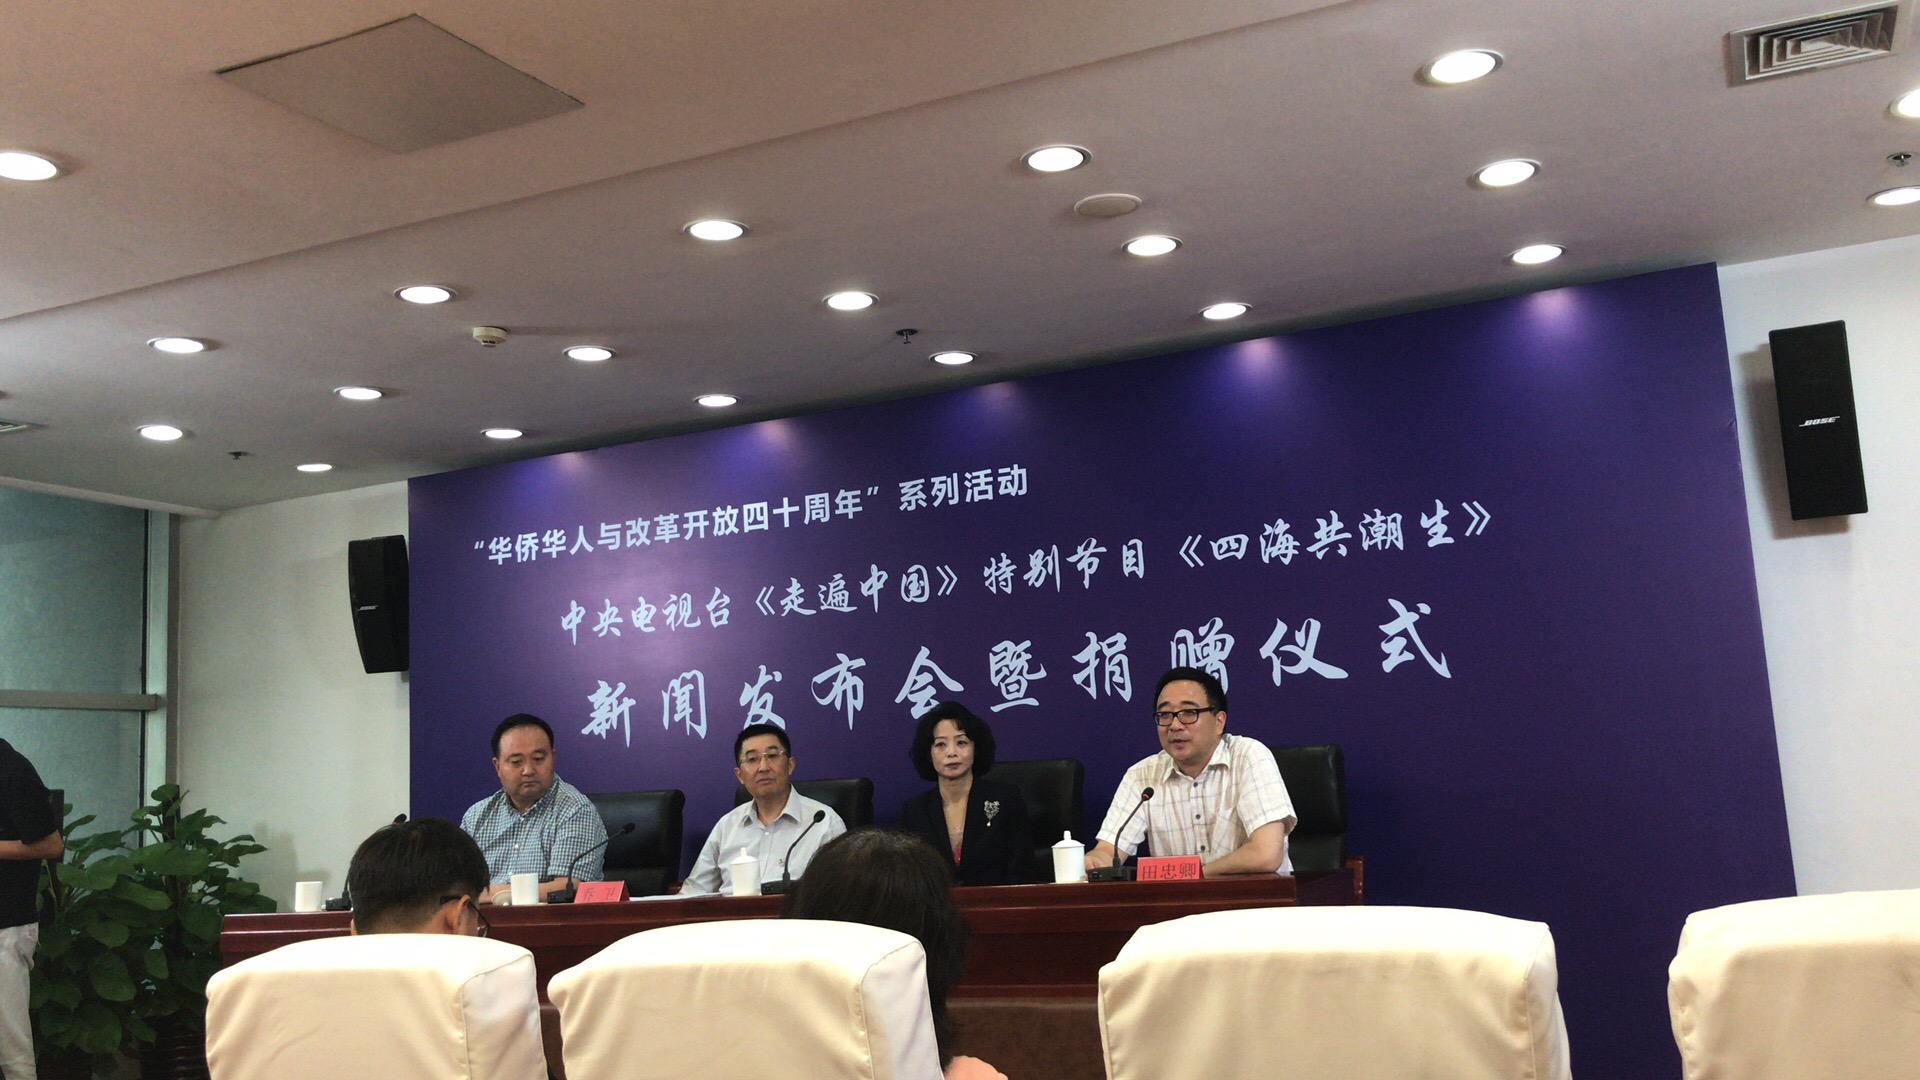 《走遍中国》特别节目 《四海共潮生》新闻发布会暨捐赠仪式在京举行